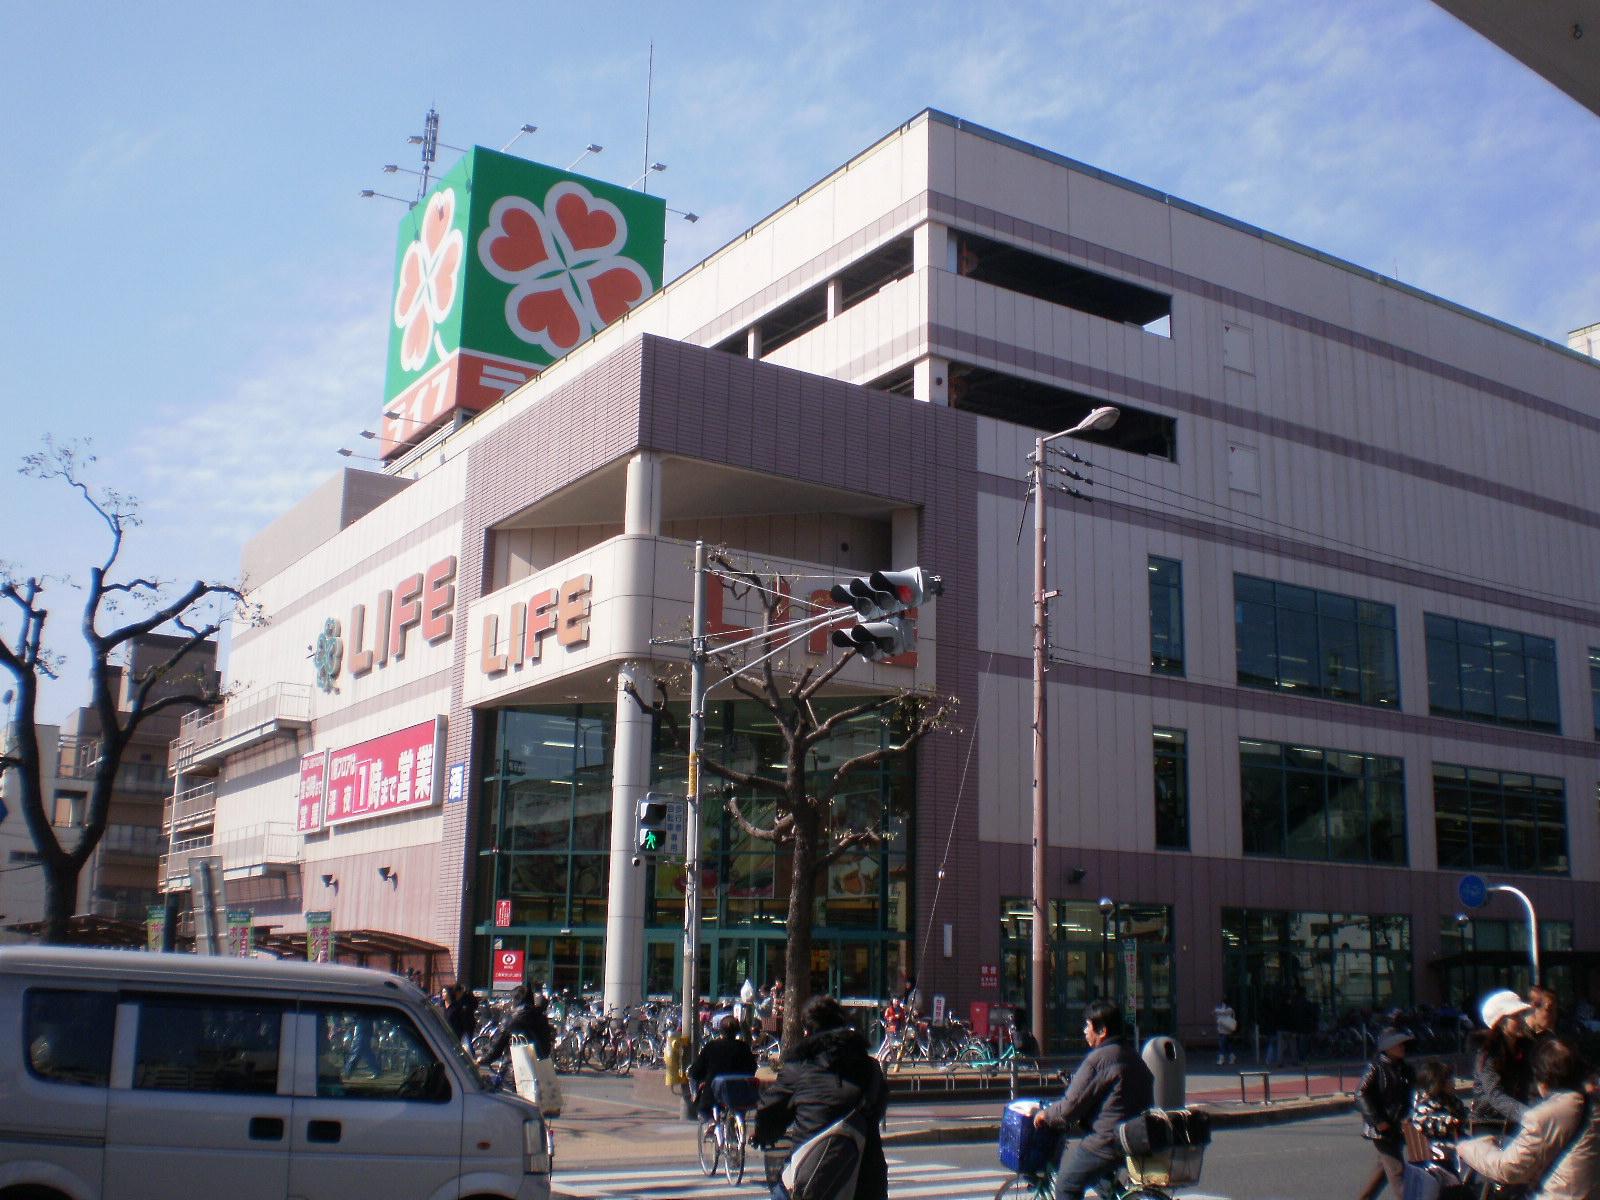 スーパー ライフ喜連瓜破店(スーパー)まで1471m